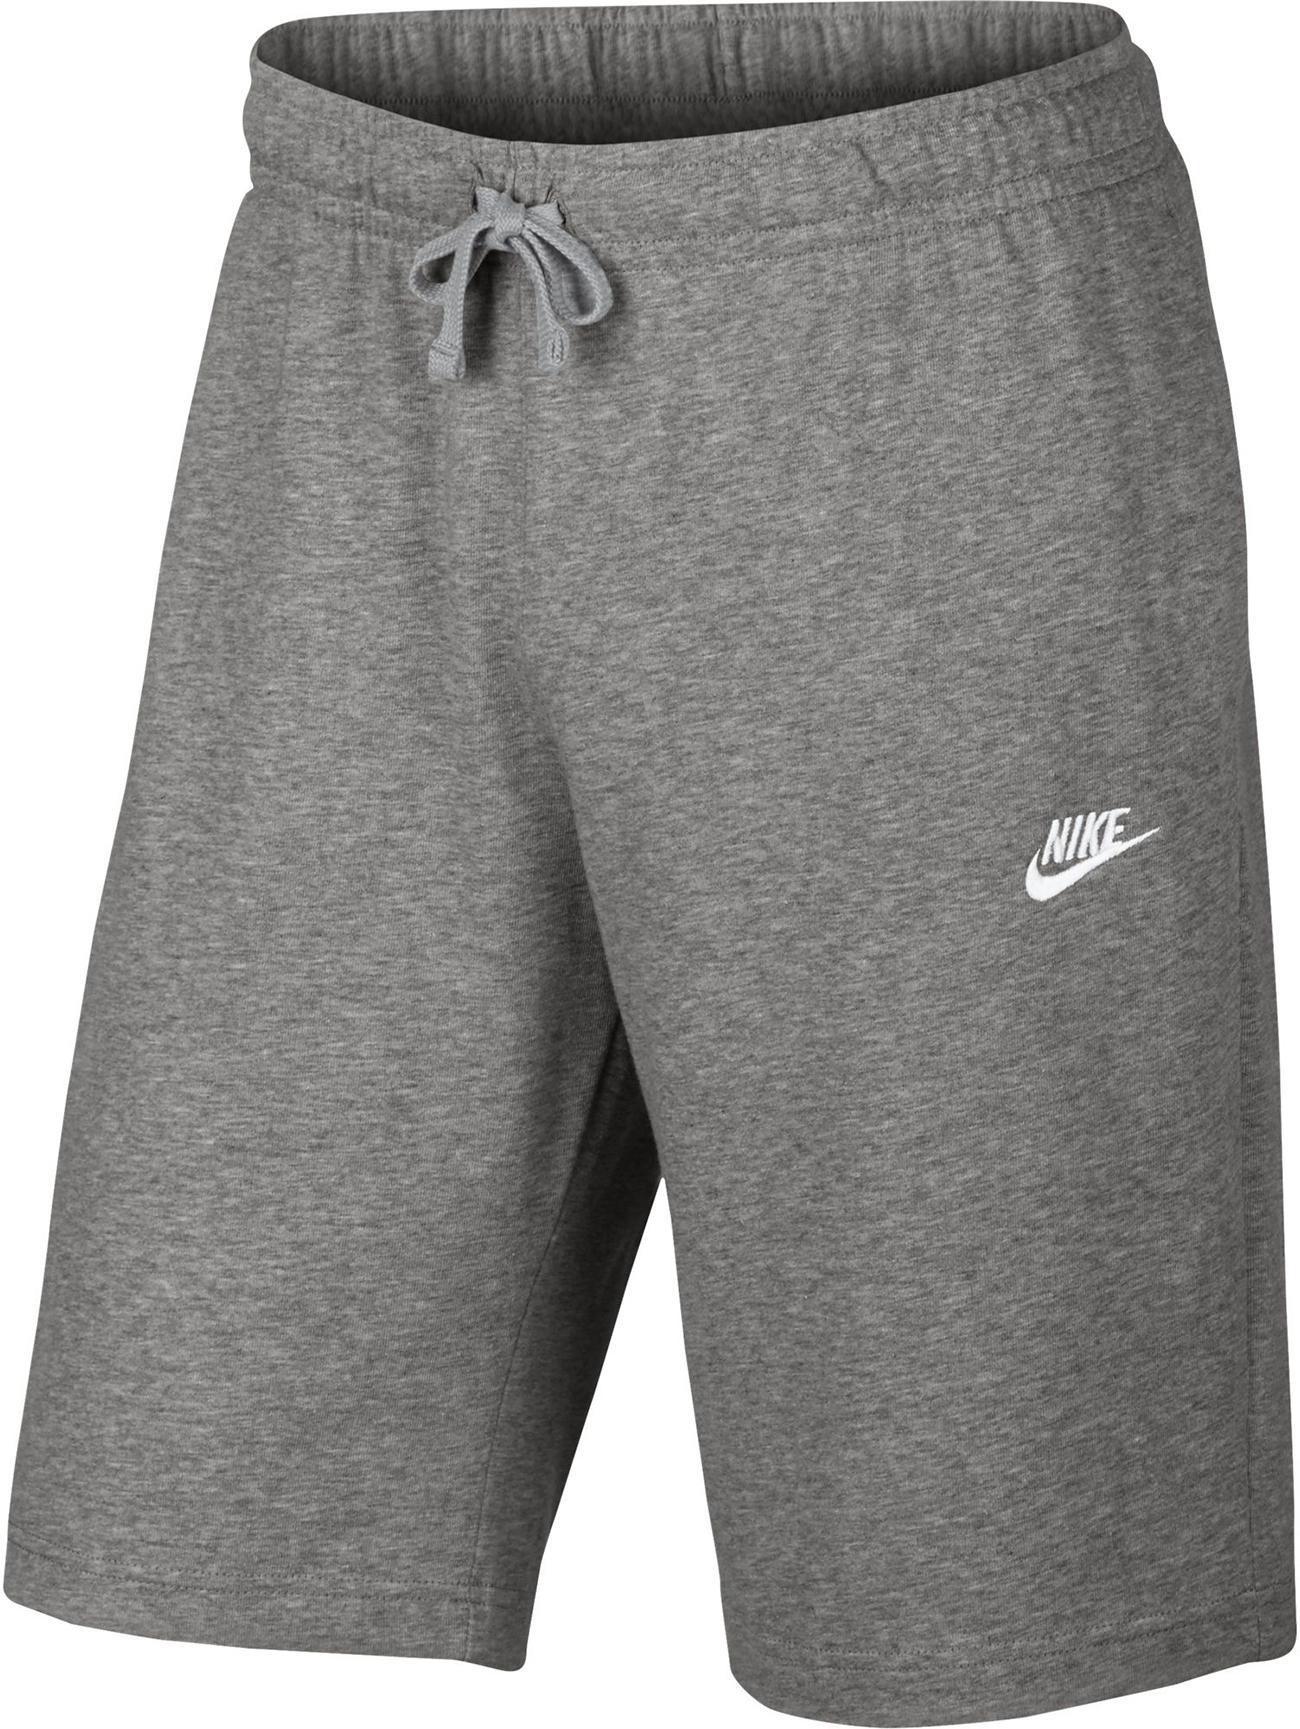 Nike NSW Club Shorts Herren grau im Online Shop von SportScheck kaufen